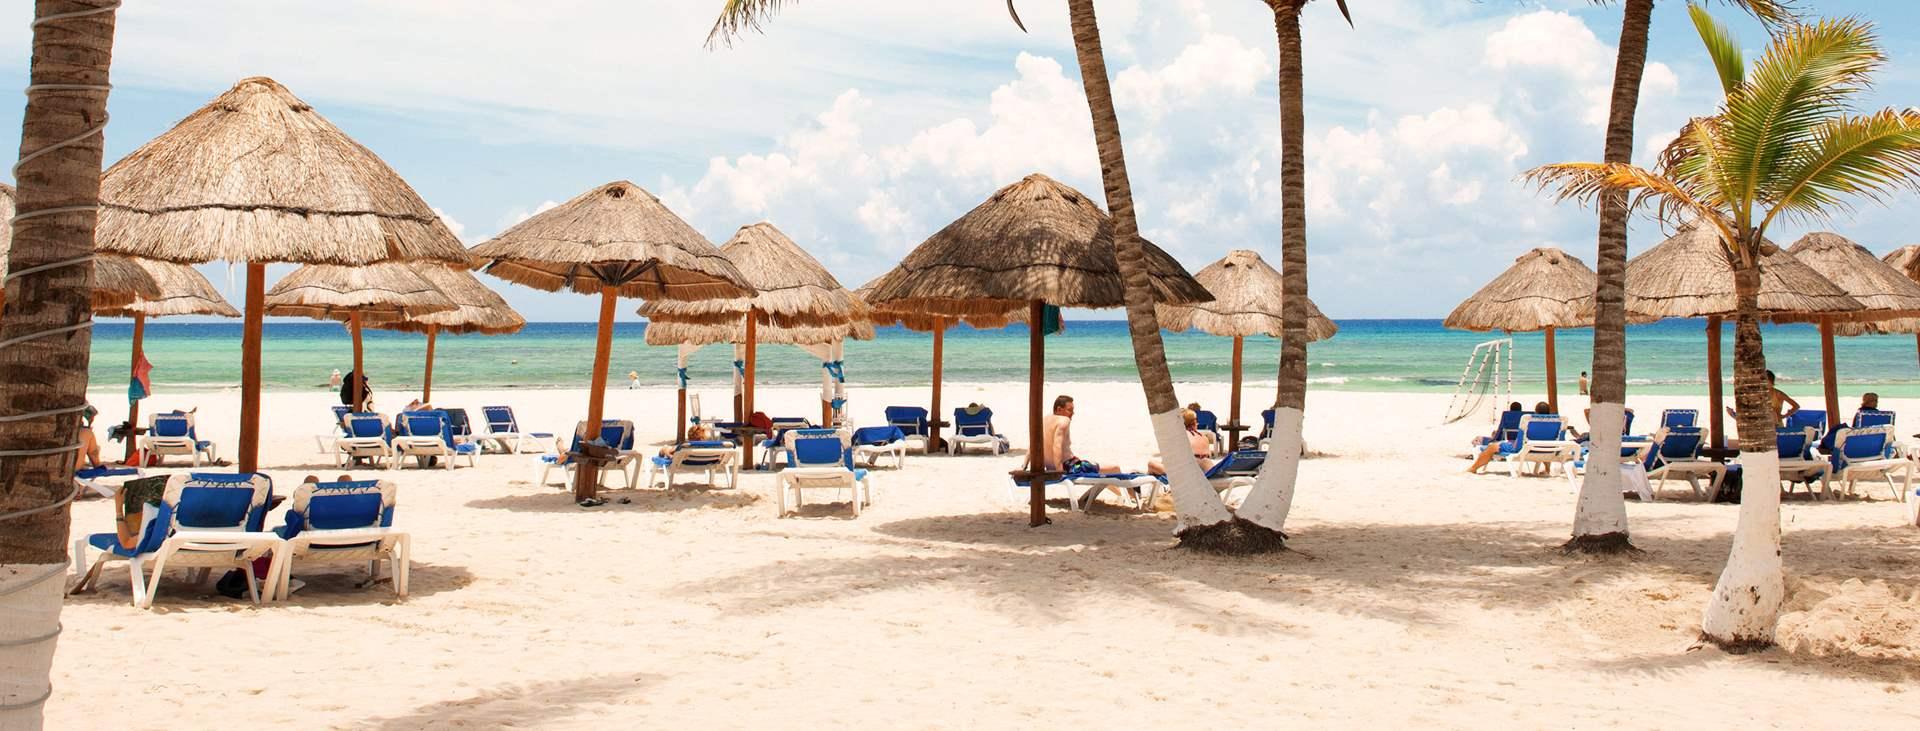 Bestill en reise til Mexico med Ving